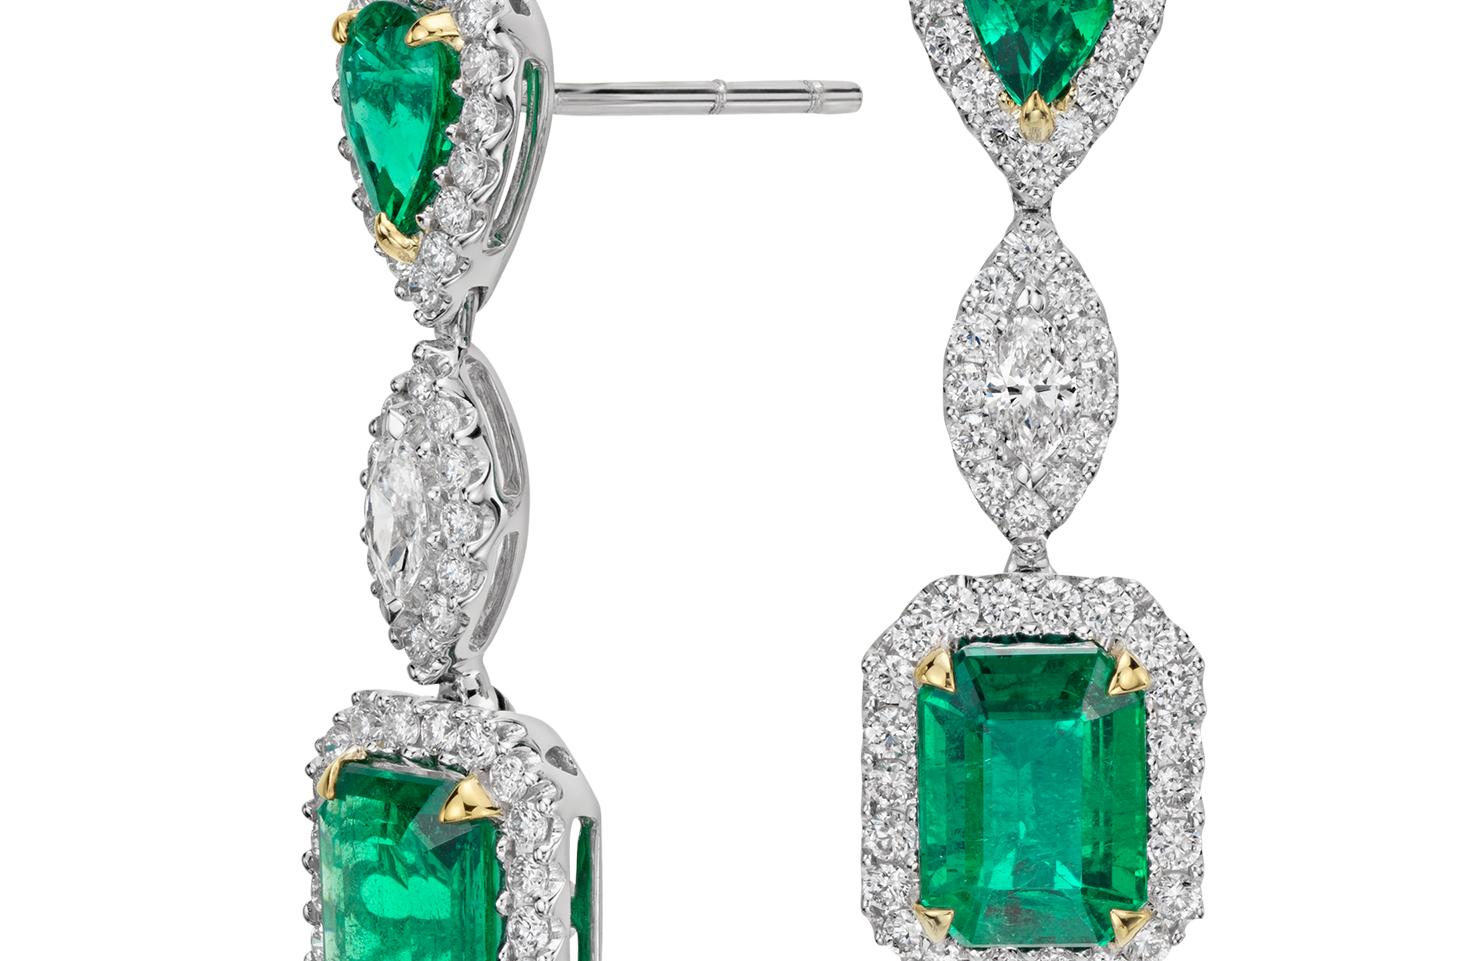 Aretes colgantes de diamante y esmeralda en oro blanco de 18 k